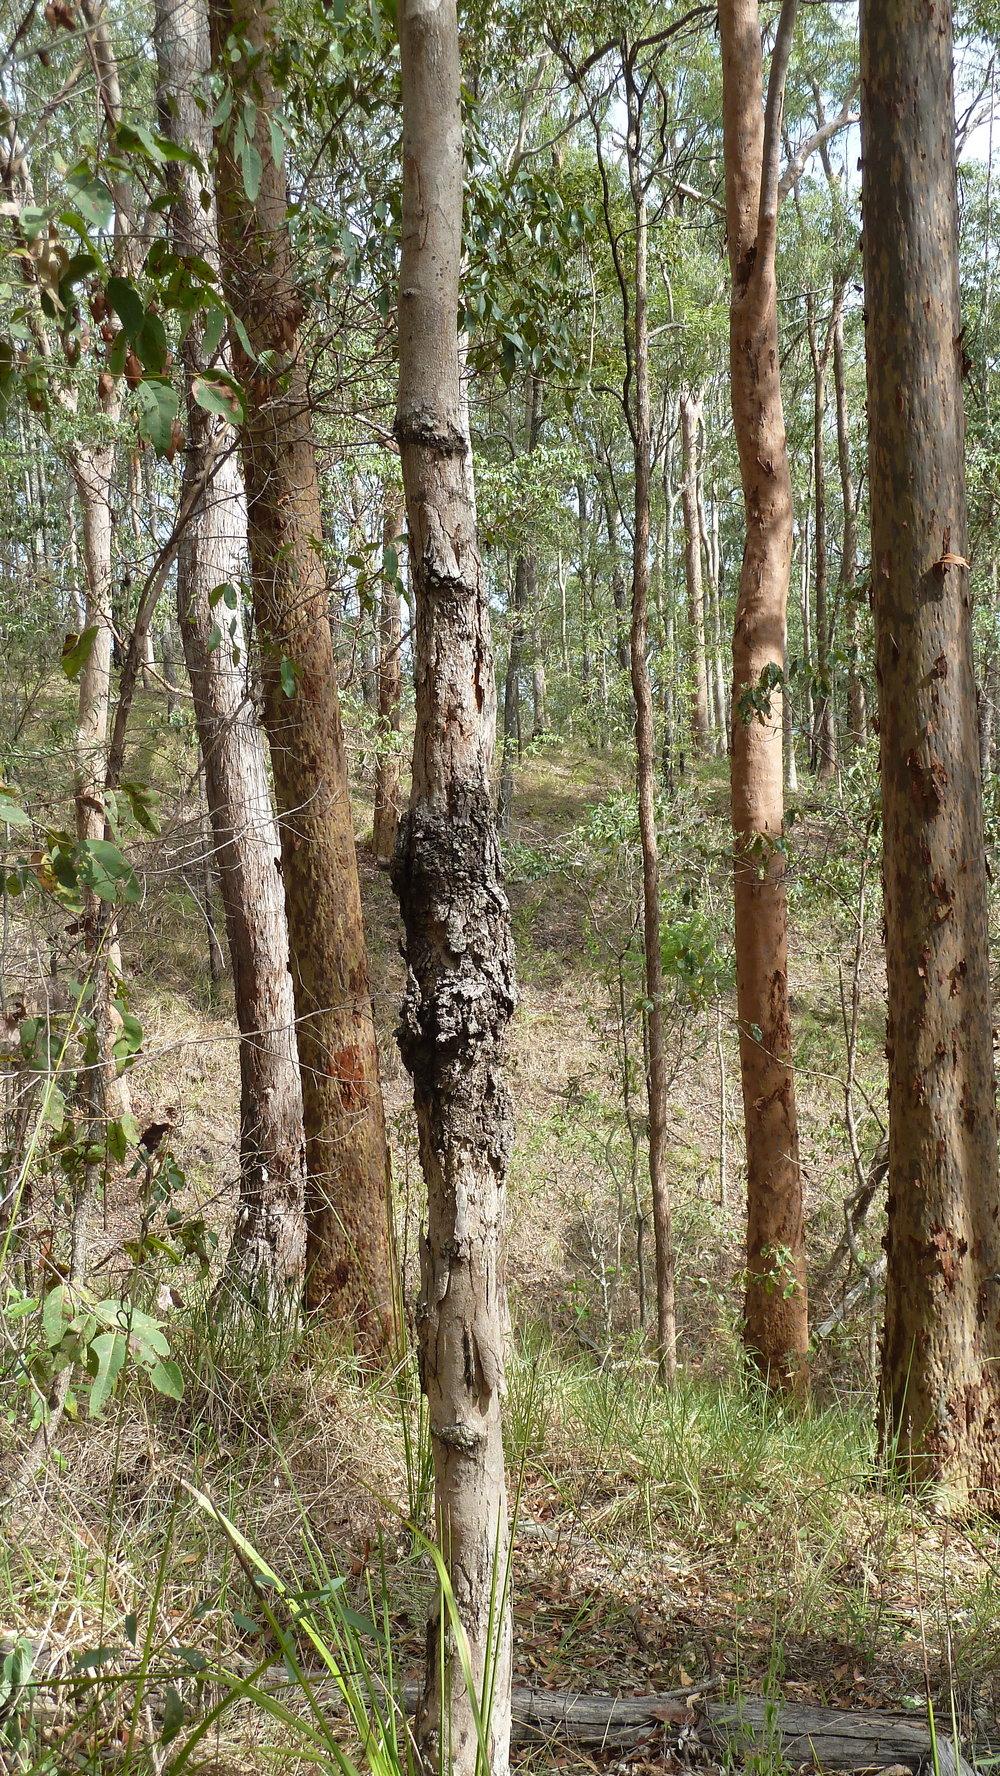 Mt Coot-tha near Brisbane